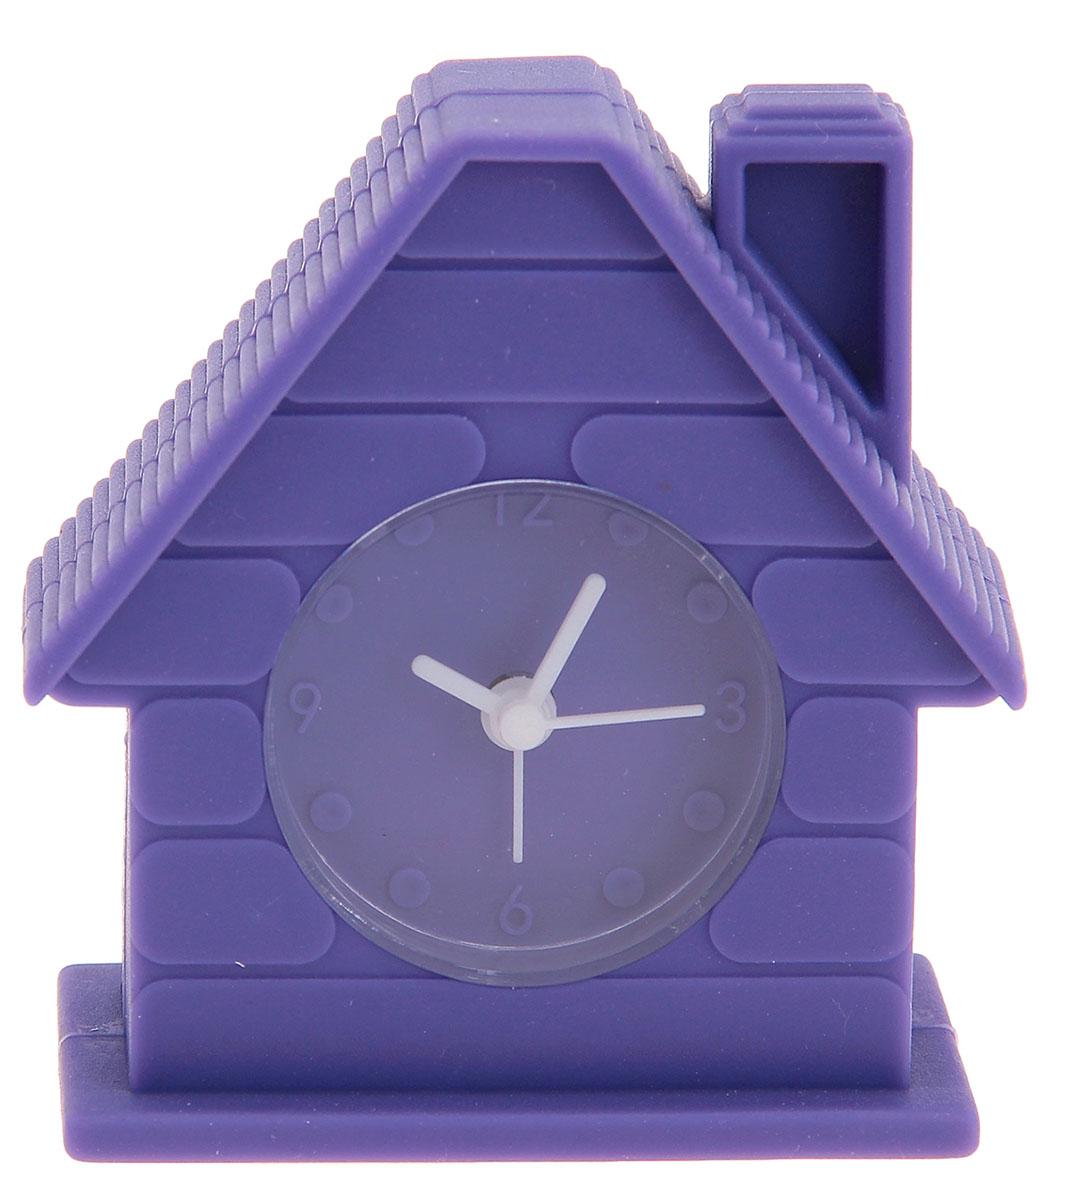 Будильник Дом, цвет: фиолетовый, 4 х 8 см872920Каждому хозяину периодически приходит мысль обновить свою квартиру, сделать ремонт,перестановку или кардинально поменять внешний вид каждой комнаты. Будильник -привлекательная деталь, которая поможет воплотить вашу интерьерную идею, создатьнеповторимую атмосферу в вашем доме.Окружите себя приятными мелочами, пусть онирадуют глаз и дарят гармонию.